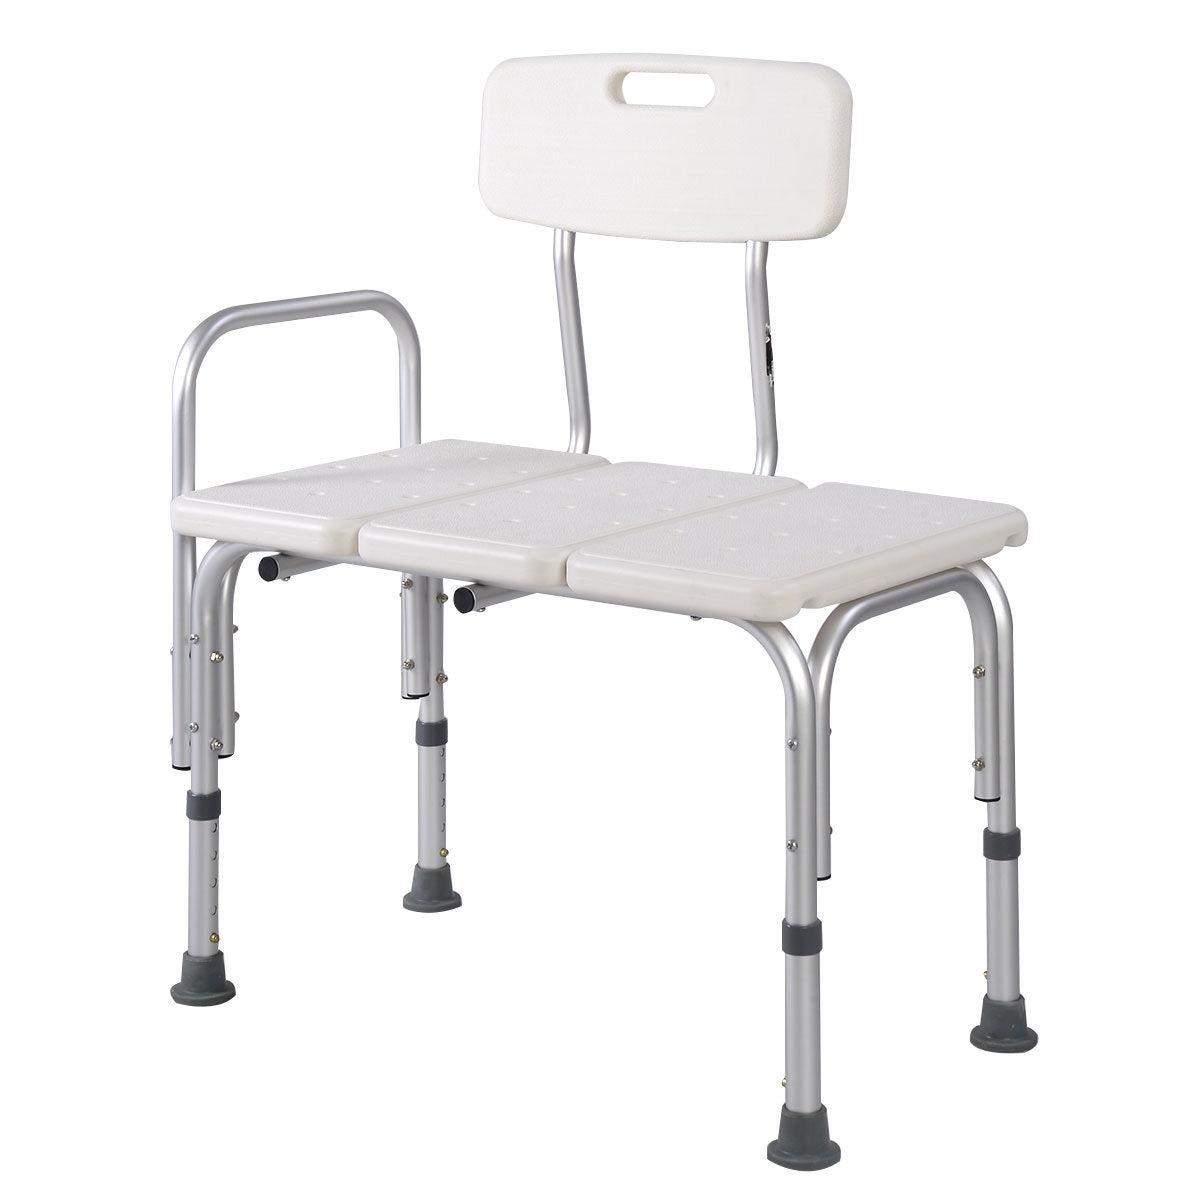 """17,8 ~ 22,5 """"einstellbare Höhe Bade Aids Medizinische Dusche Stuhl Sitz Hocker Badezimmer Bad Transfer Bank Aid Aluminium 300 £"""